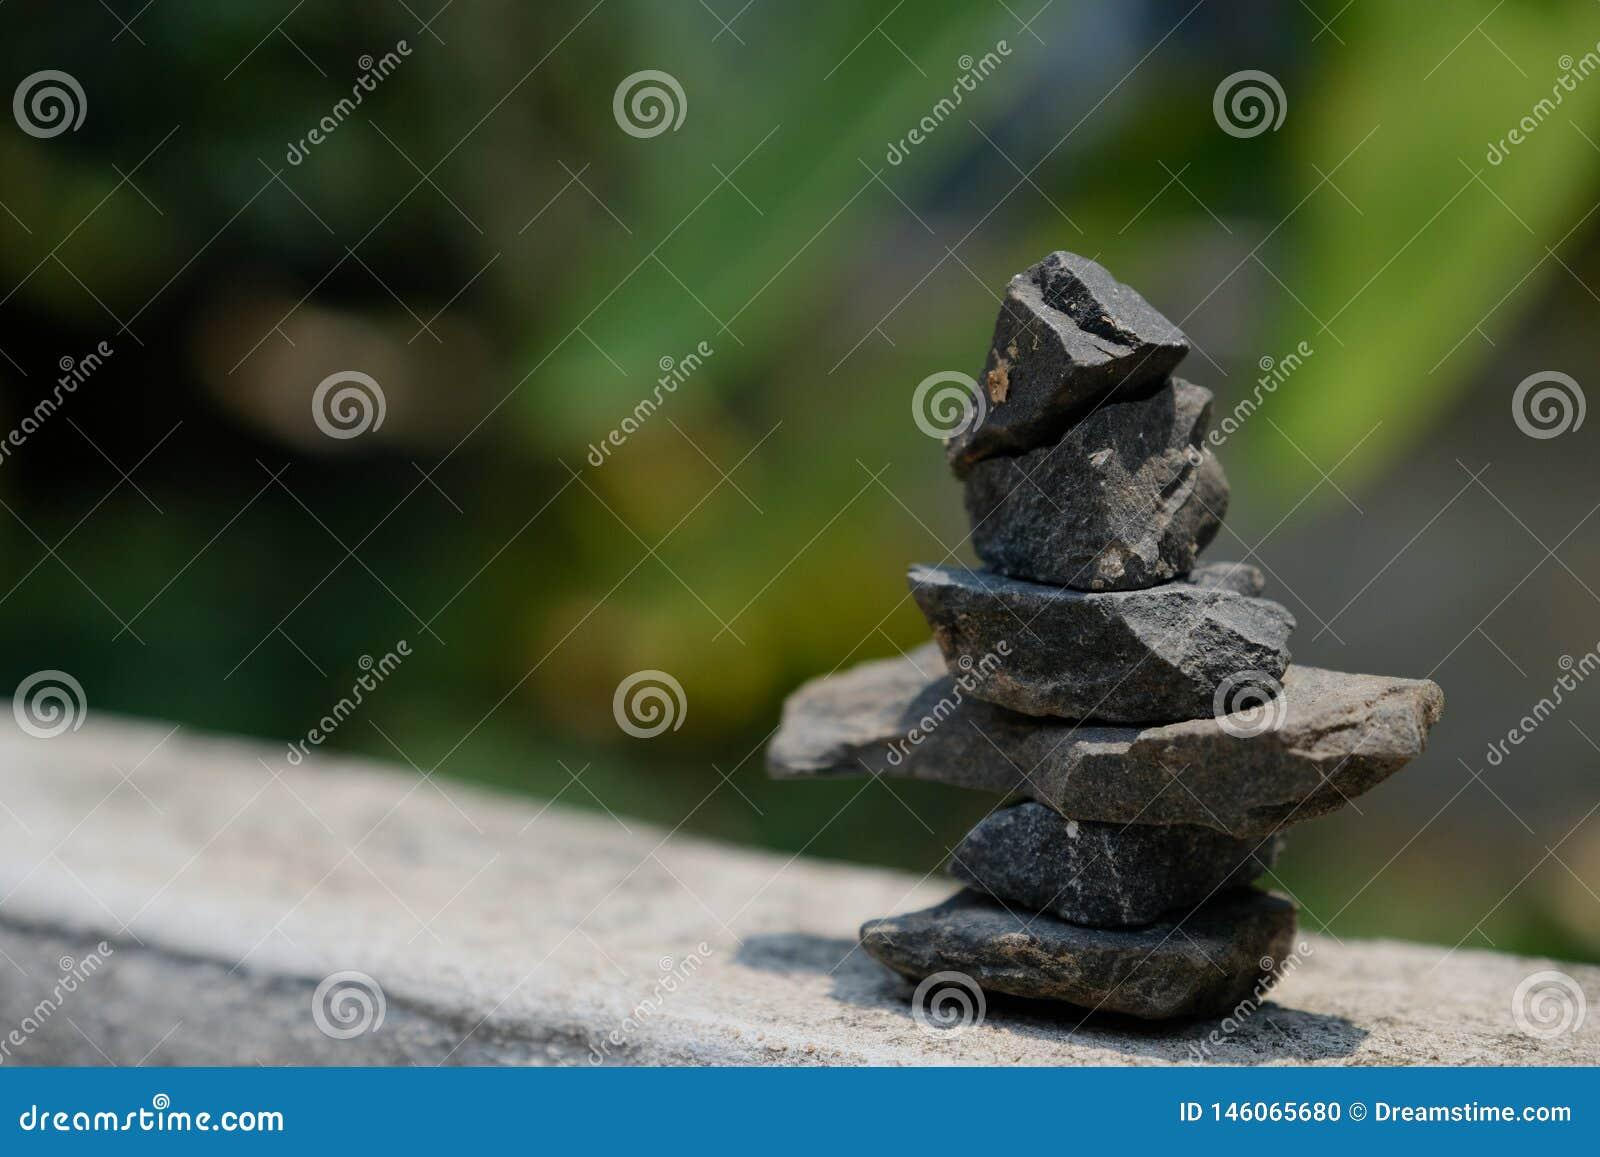 Arrangement of stones according to the Zen method